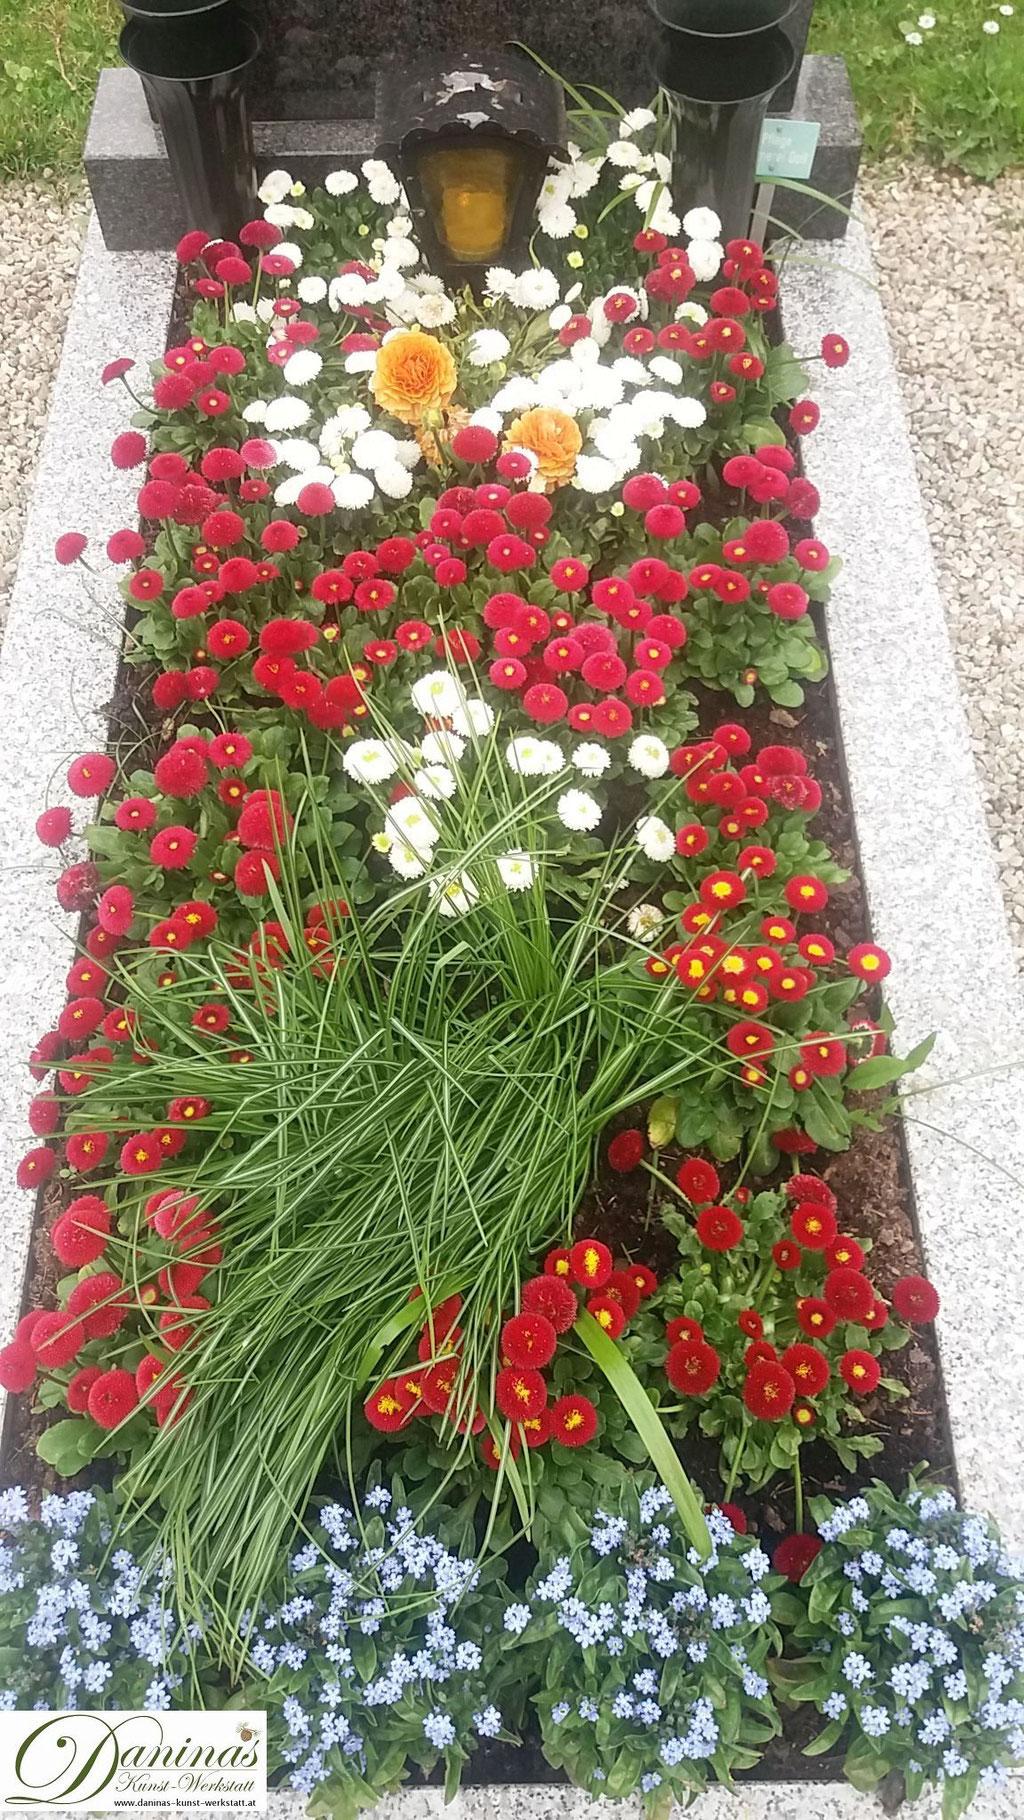 Grabbepflanzung Frühjahr mit roten und weißen Bellis, Vergissmeinnicht und Segge